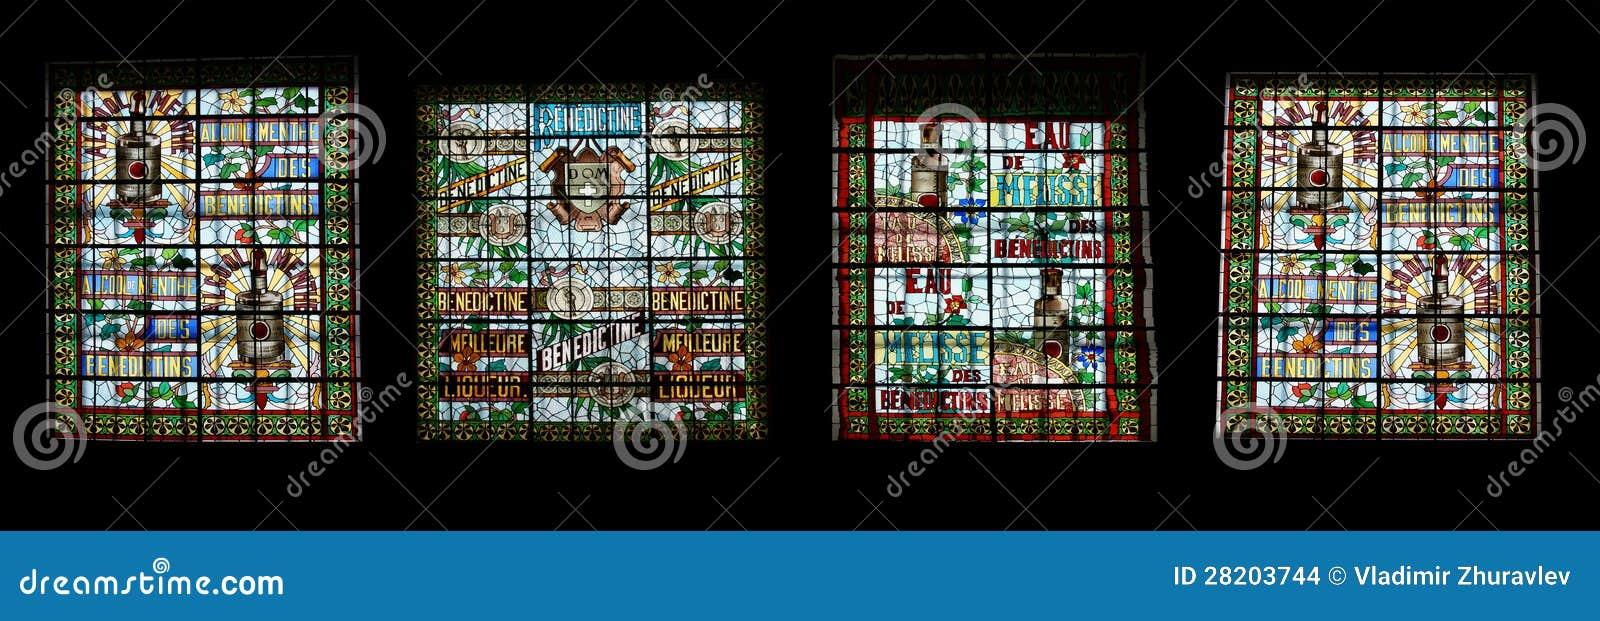 Fenêtre en verre teinté. Musée bénédictin de palais dans Fecamp